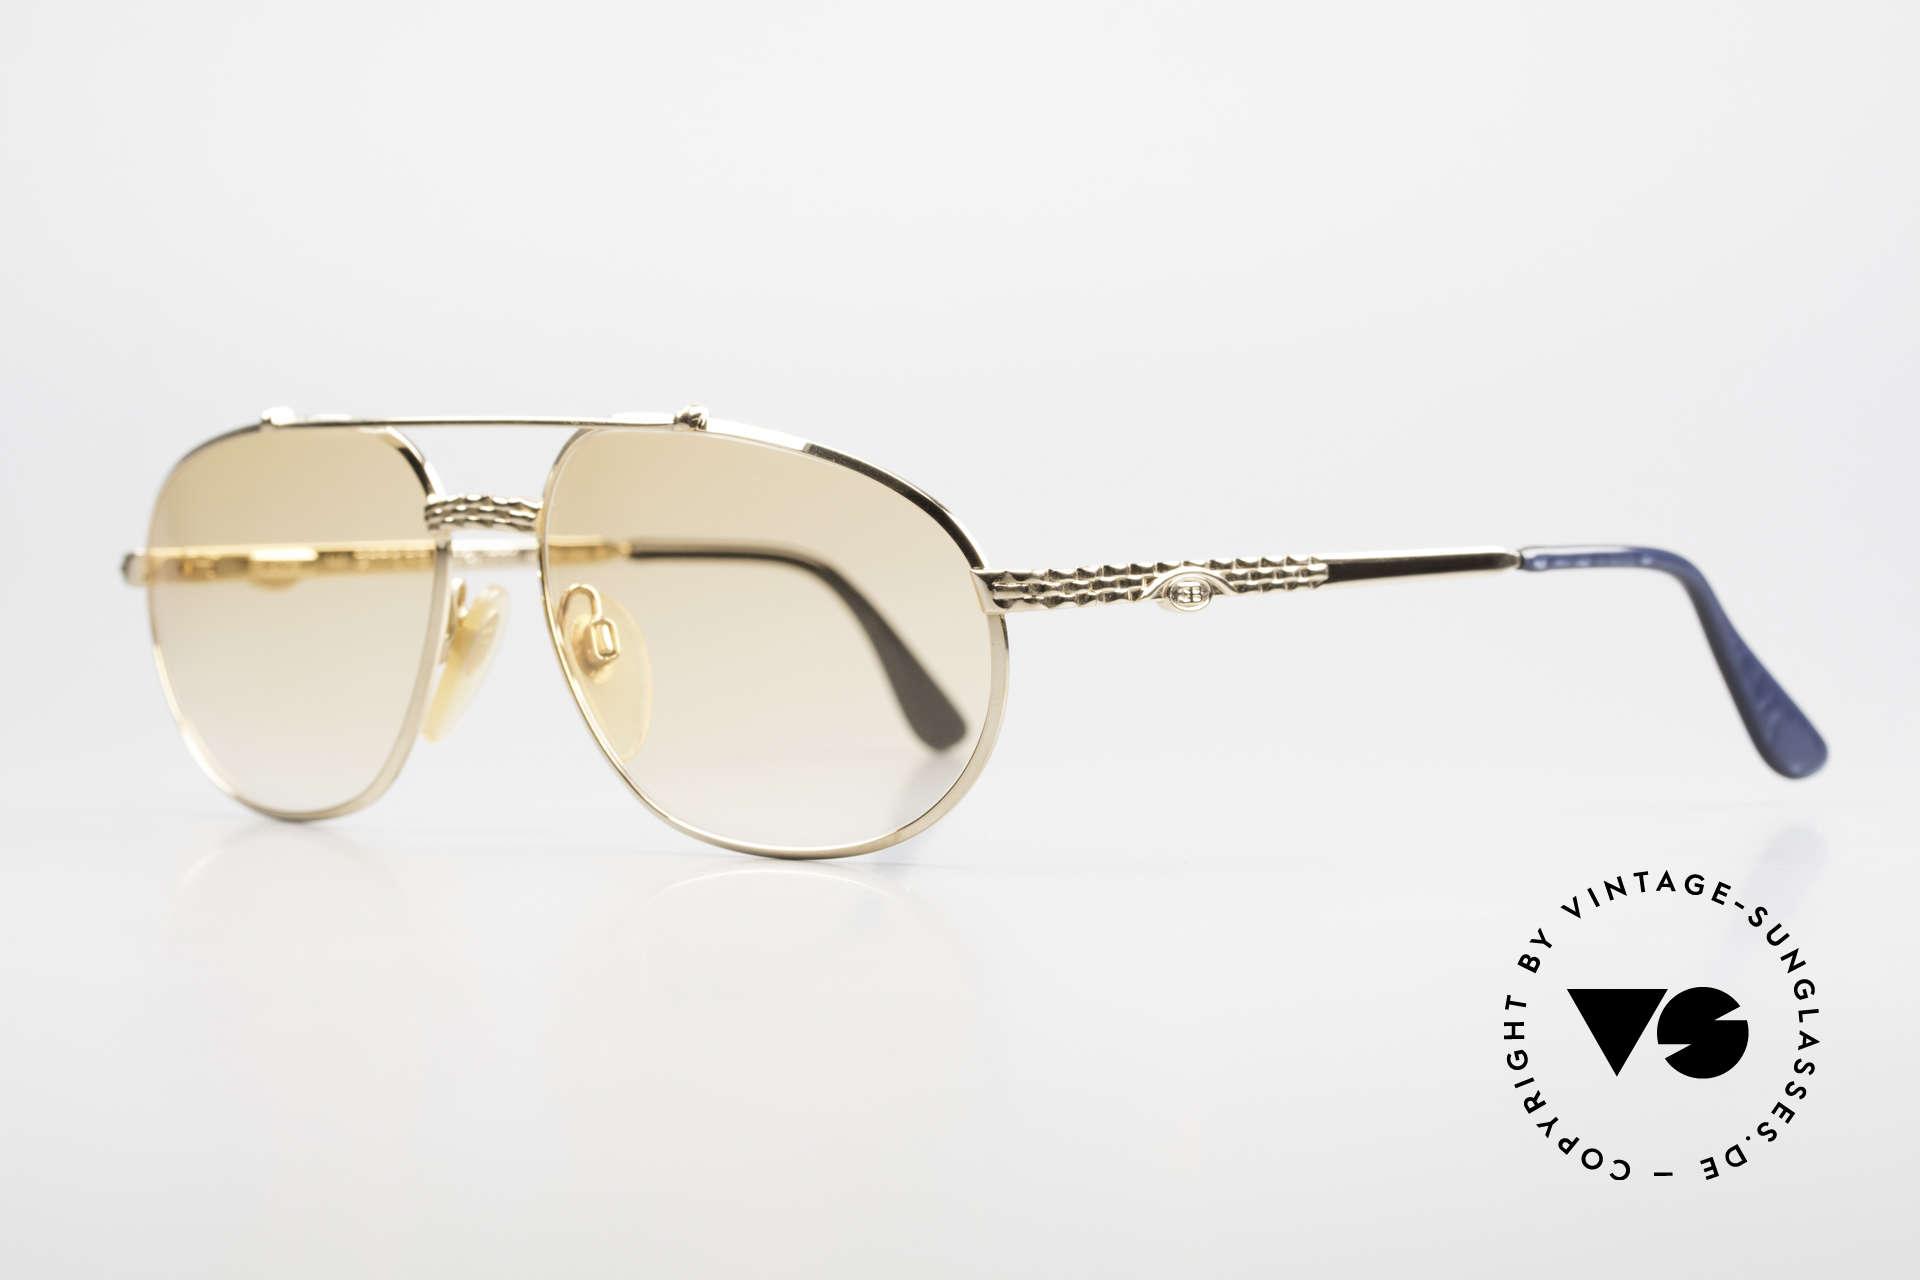 Bugatti EB503 Classic Luxury Sunglasses 90s, a costly original by Ettore Bugatti from the early 90s, Made for Men